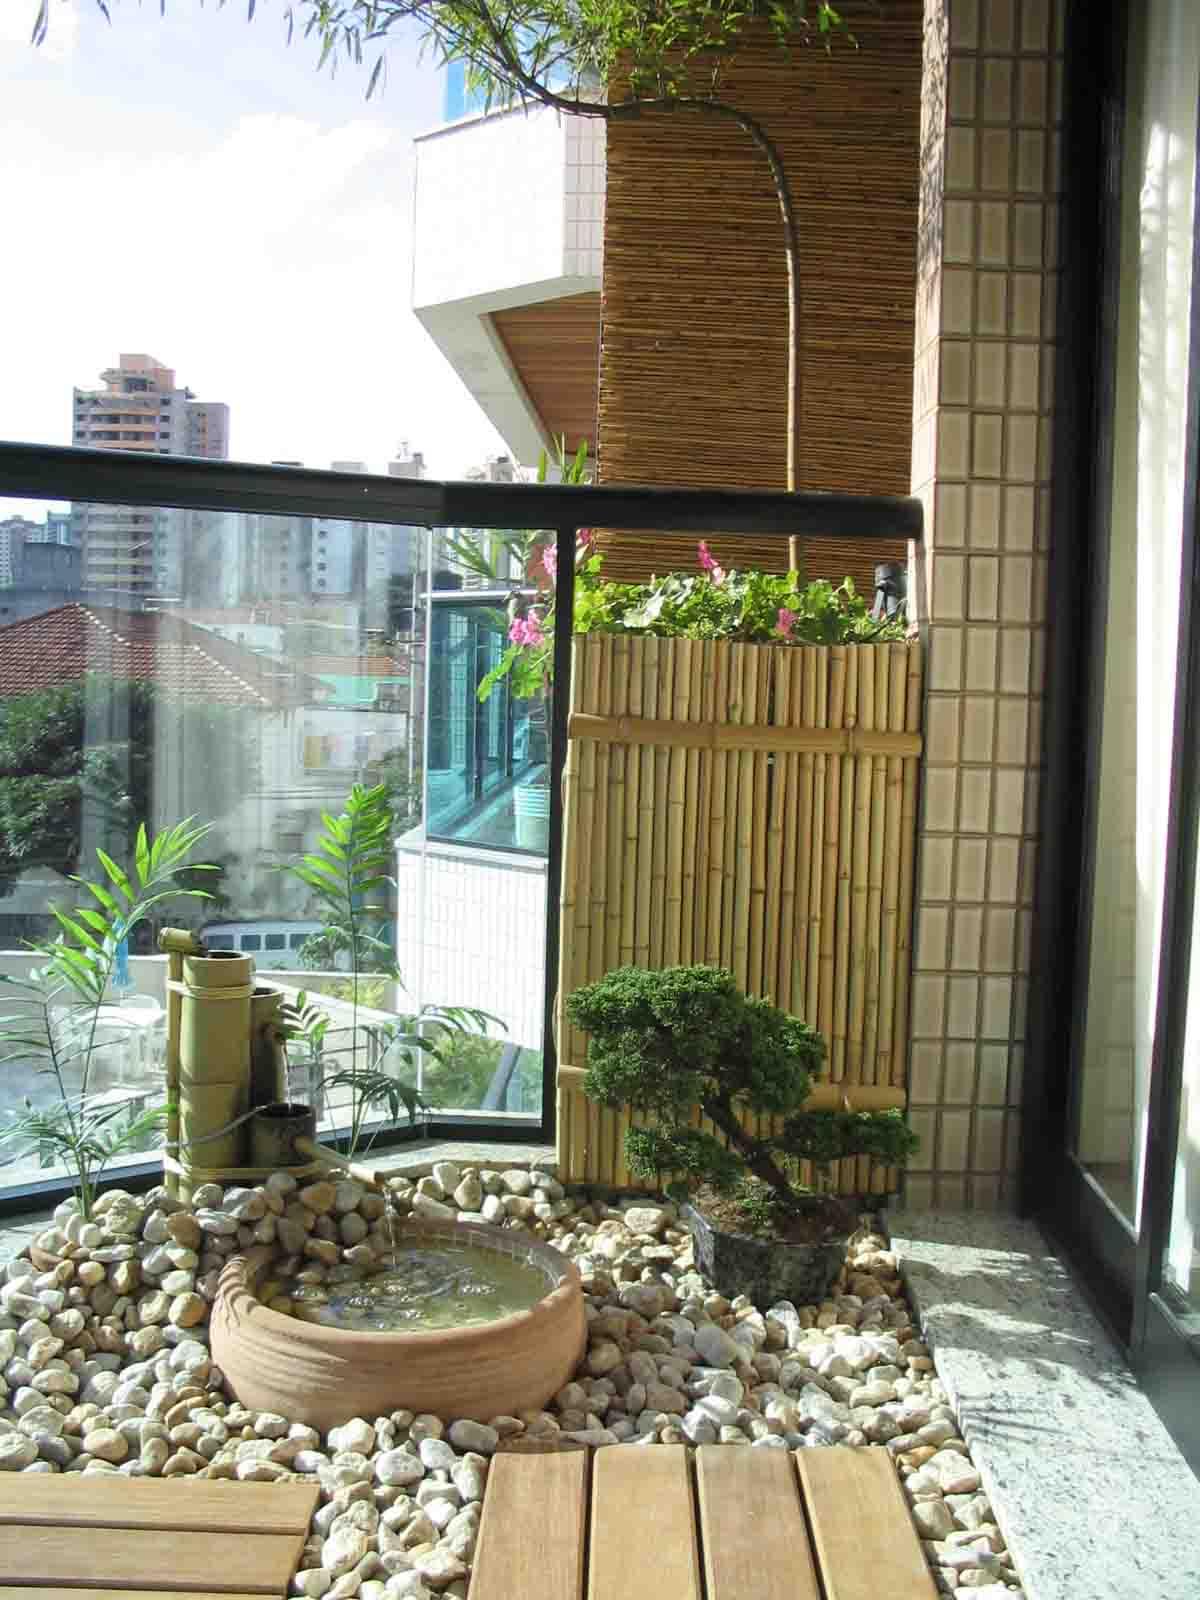 mini jardim curitiba:Caminho das Pedras Paisagismo : Decoração de Jardins com Pedras